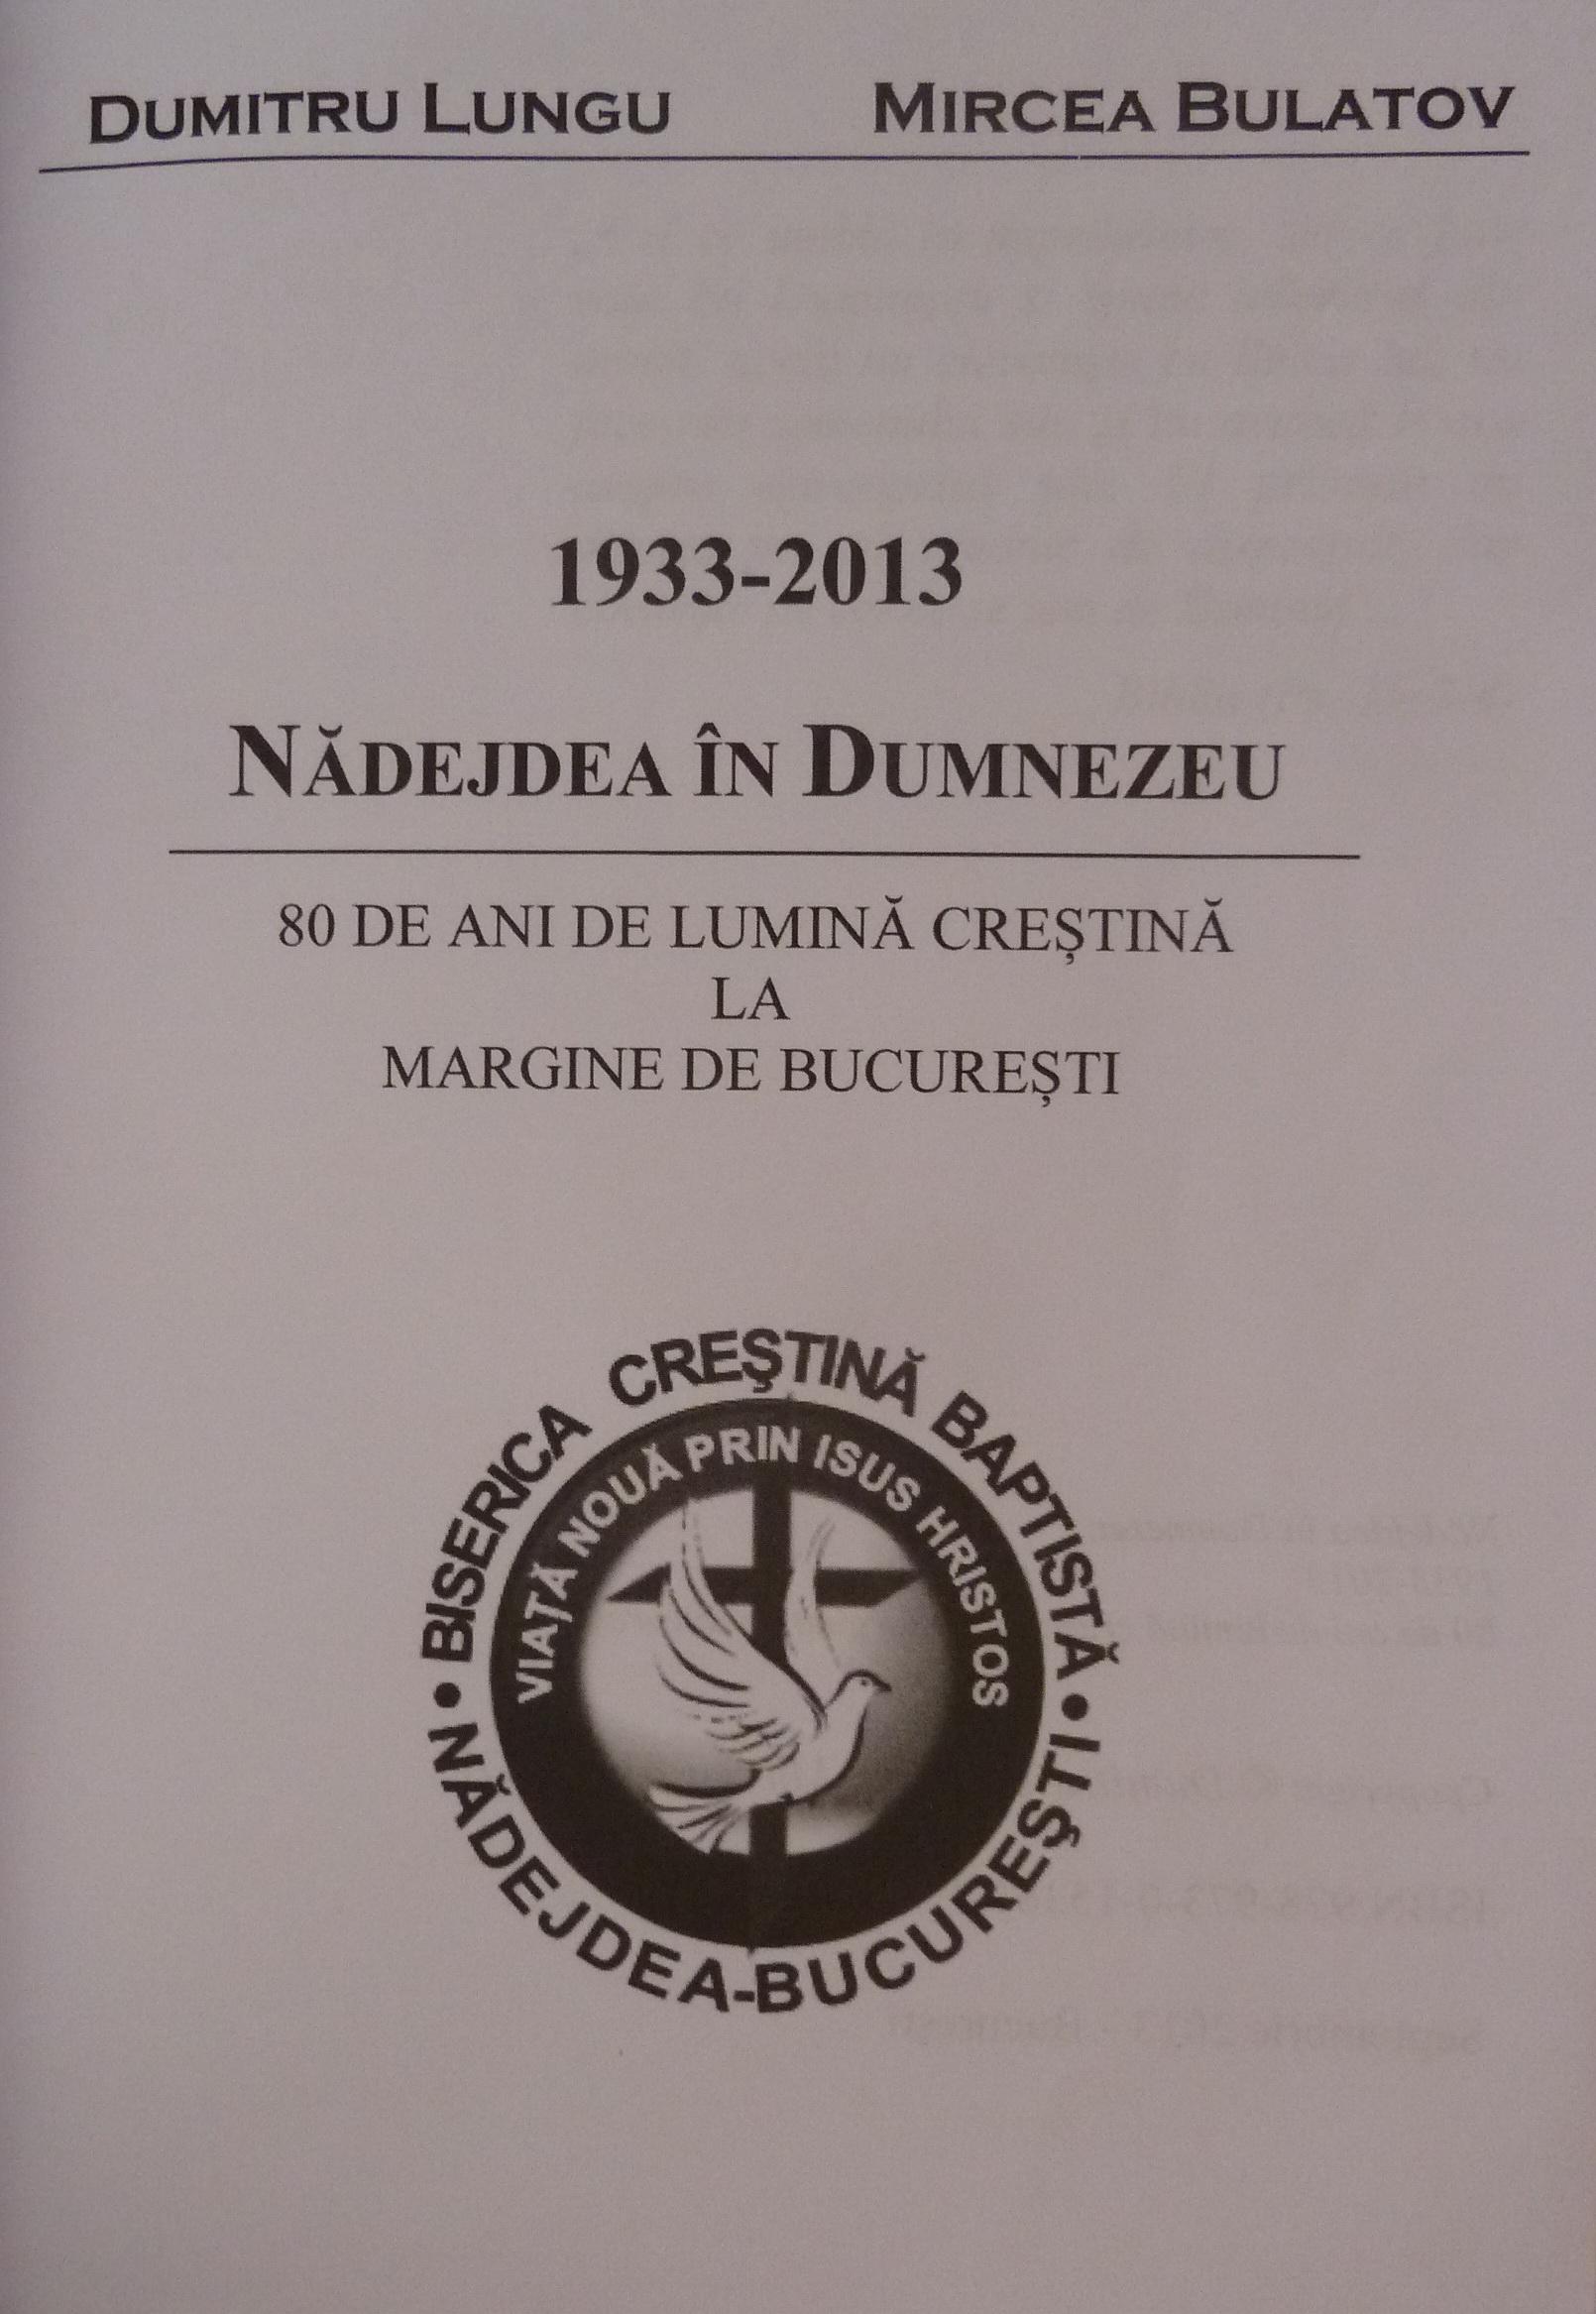 Nădejdea ăn Dumnezeu 1933-2013. 80 de ani de lumină creștină la margine de București - pagina de titlu